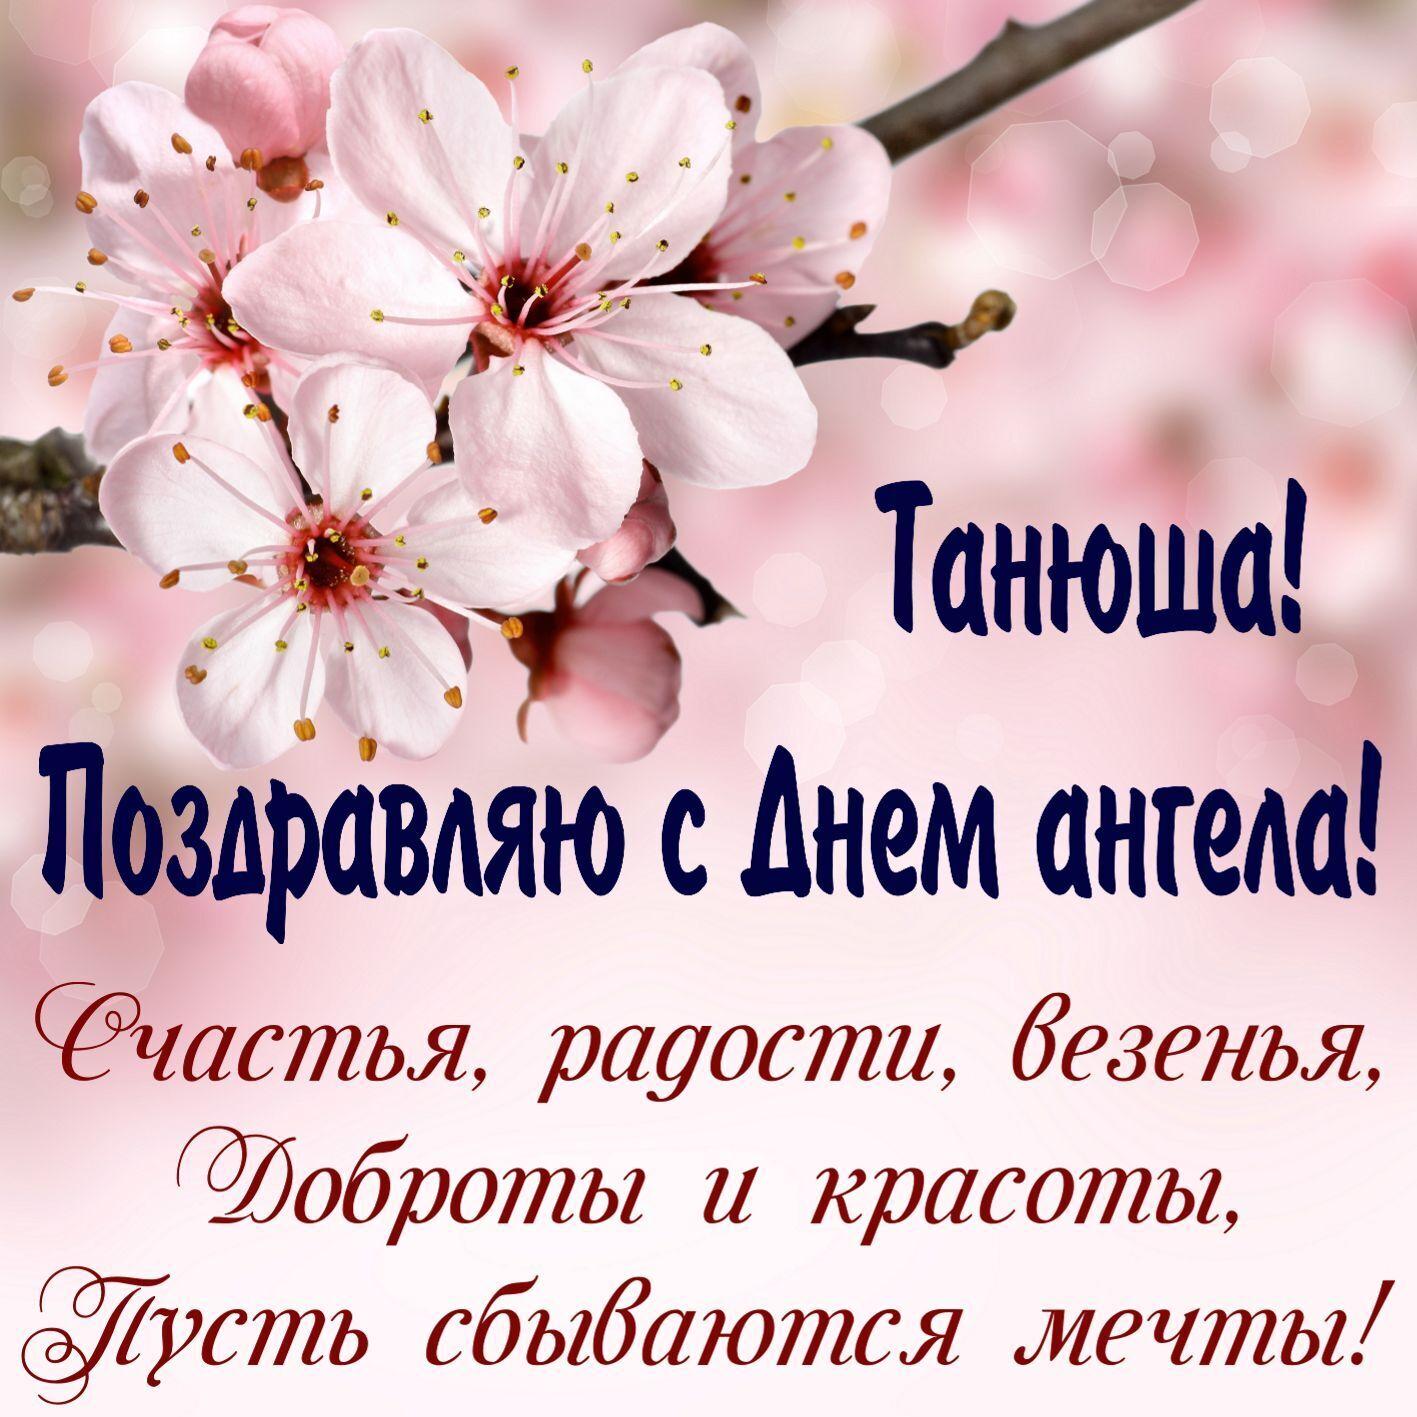 Пожелания в День Татьяны